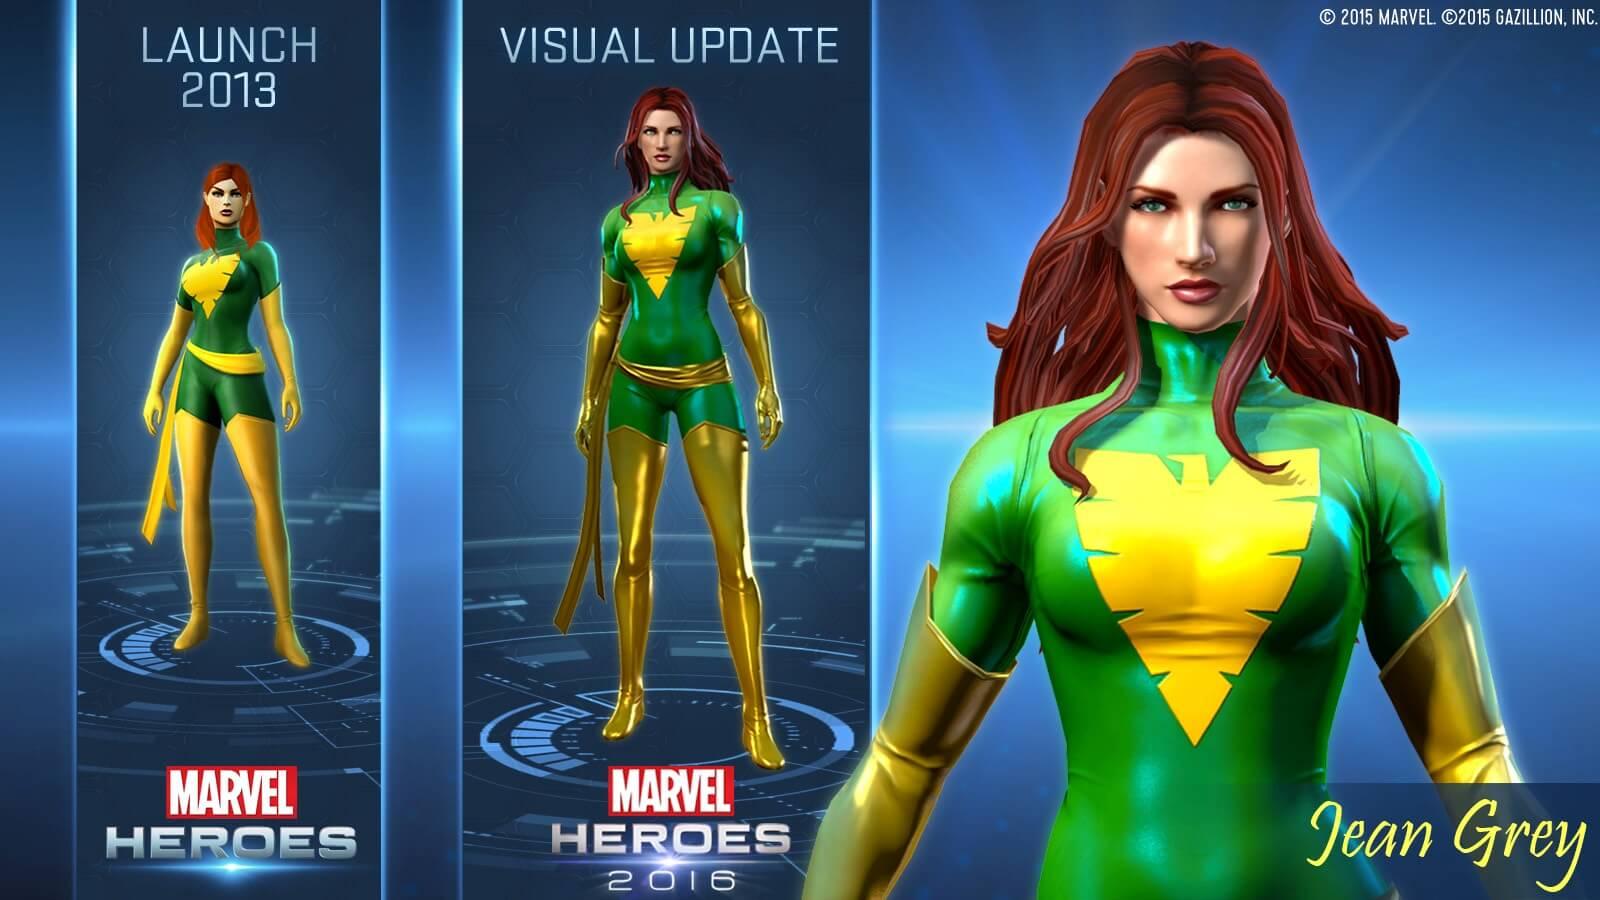 Marvel Heroes 2016 wird richtig schick - Bildrechte bei Gazillion